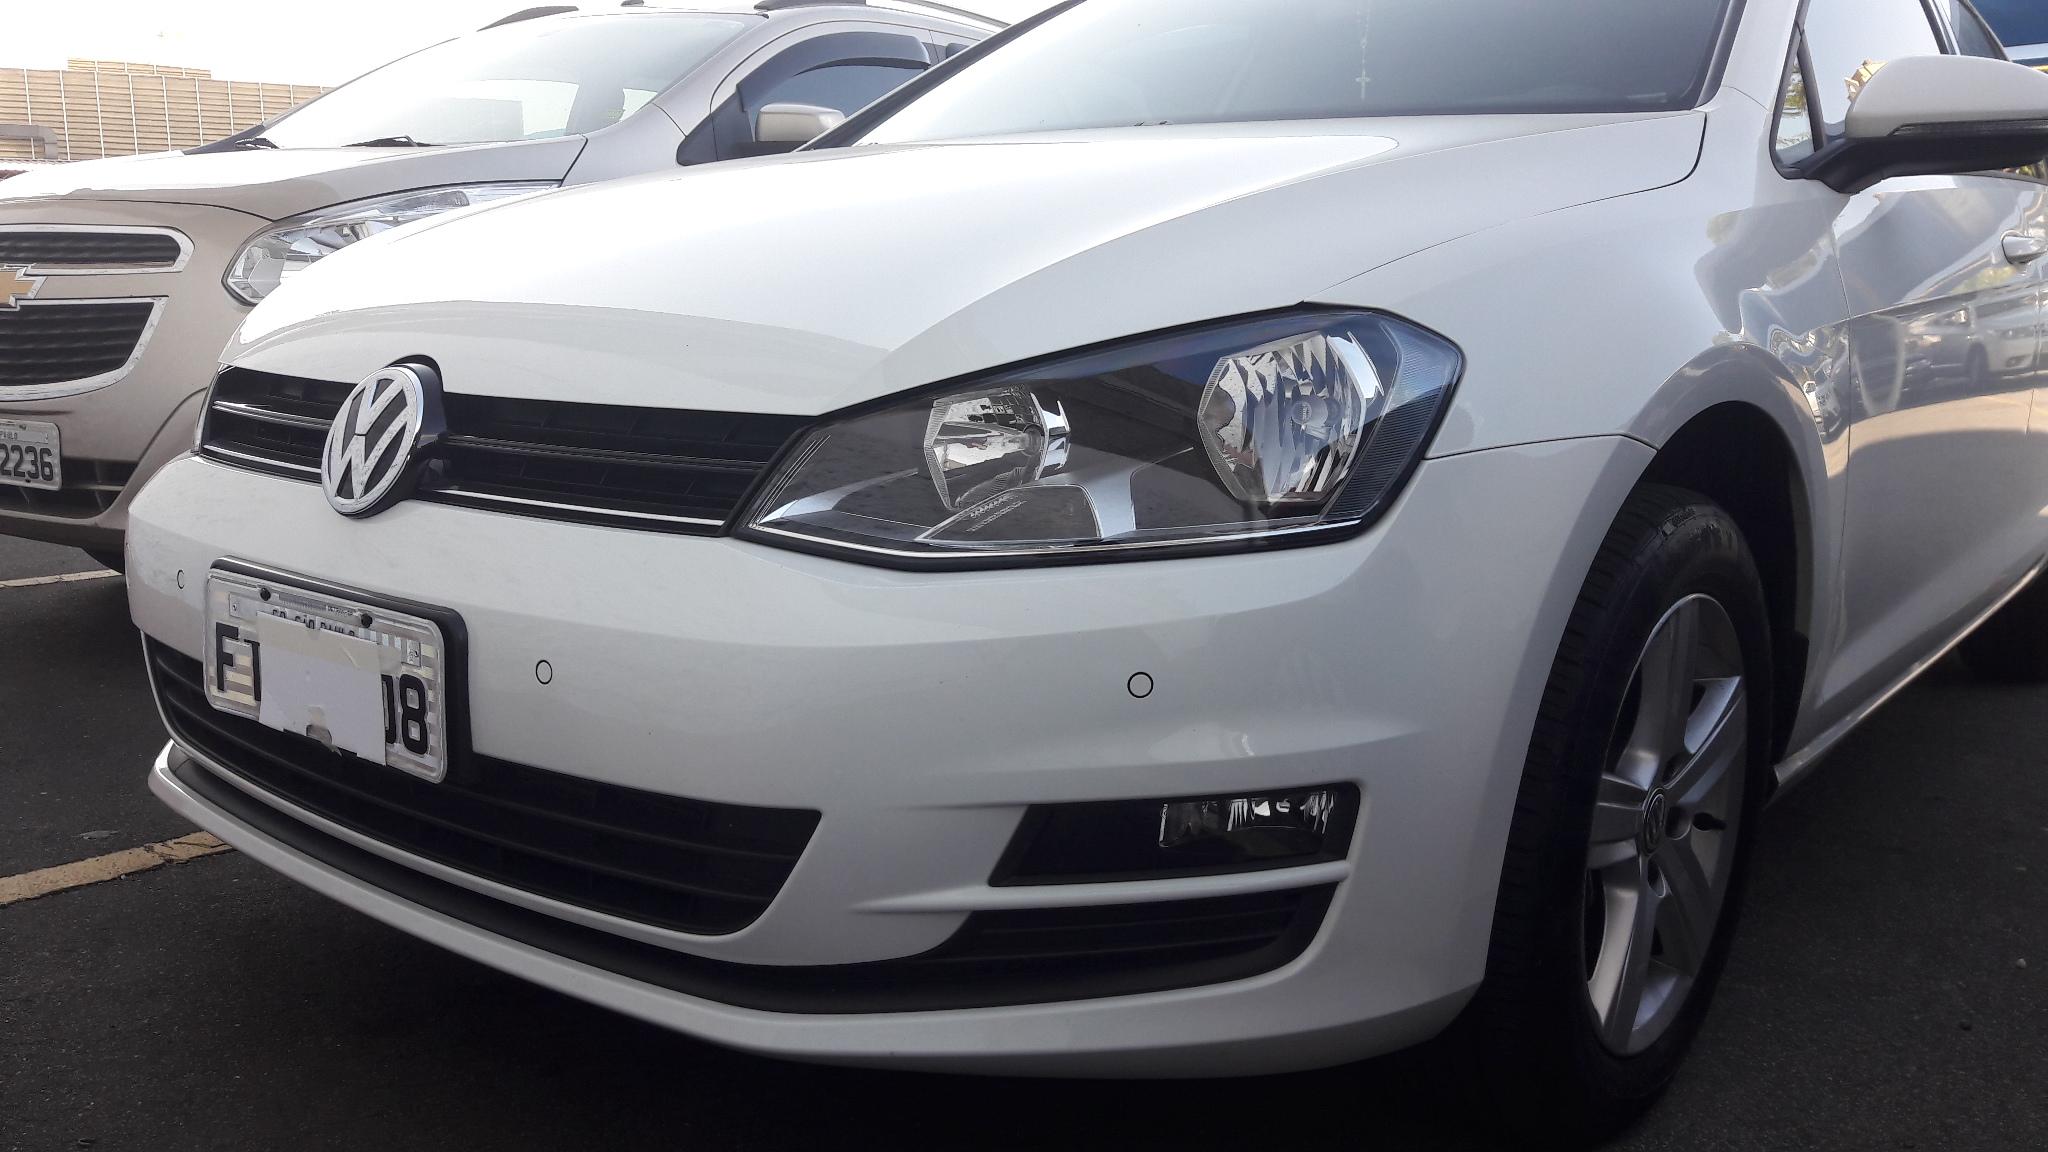 À VENDA: VW Golf alemão 2014/2015